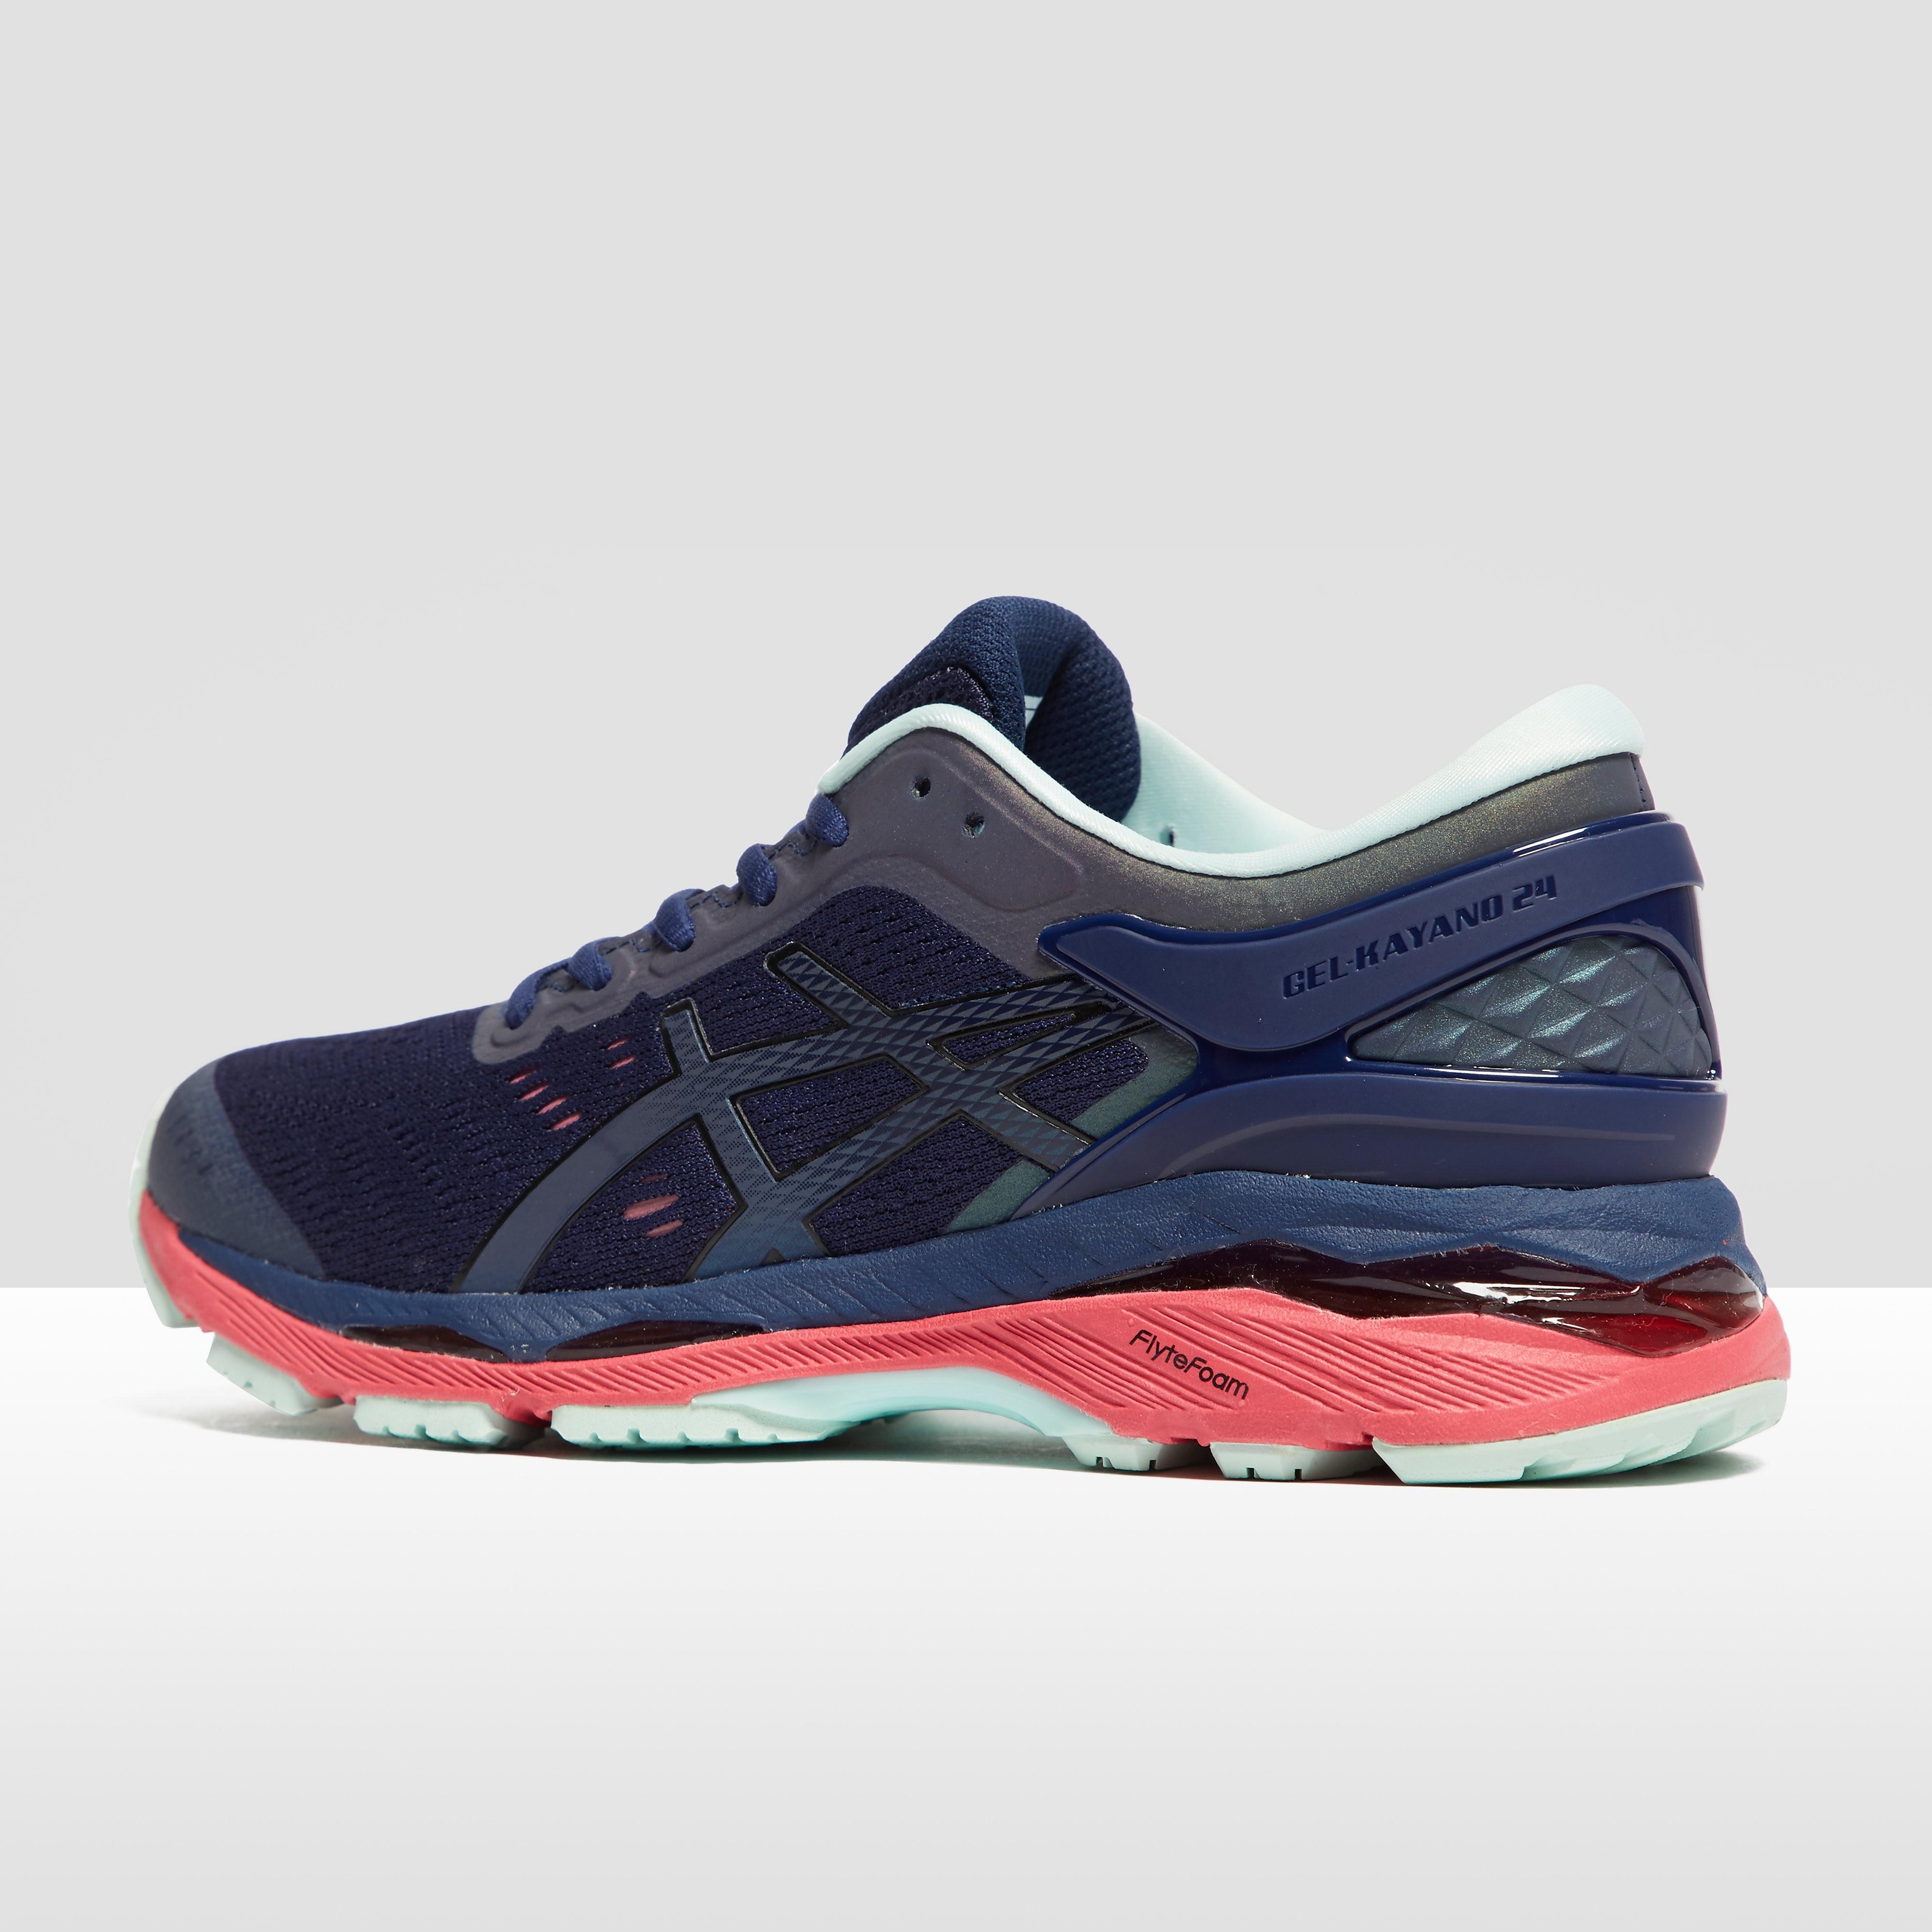 ASICS Gel Kayano 24 Lite Women's Running Shoes